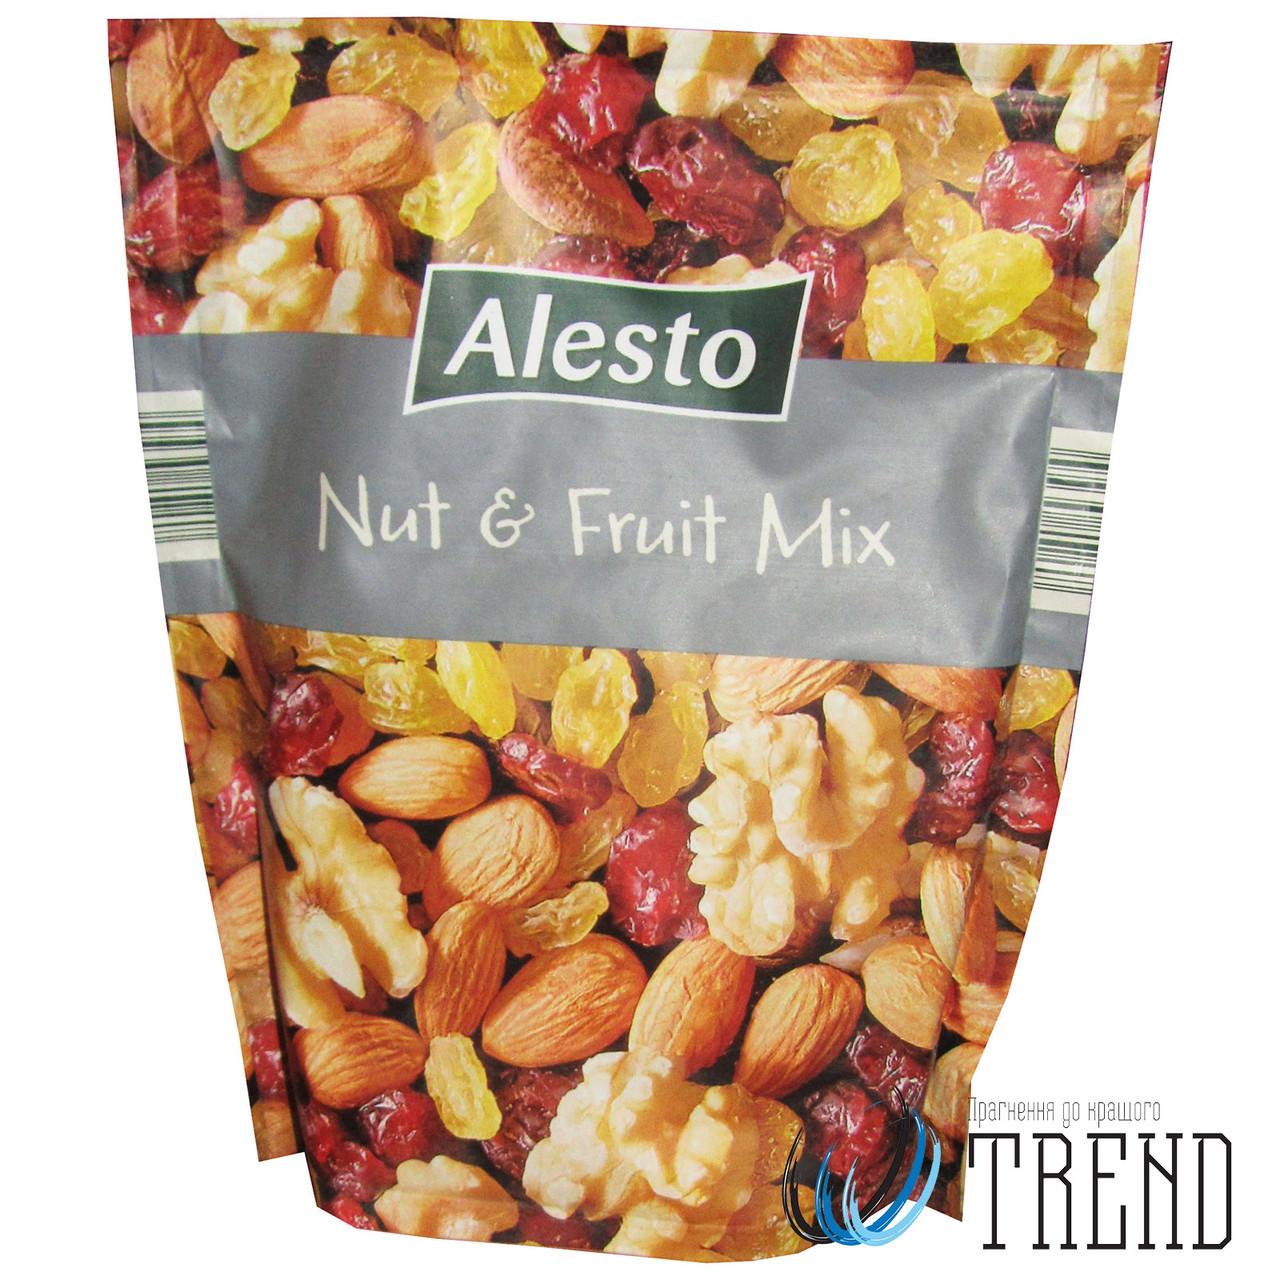 Суміш горіхів і сухофруктів Alesto Nut & Fruit  Mix 200 гр.